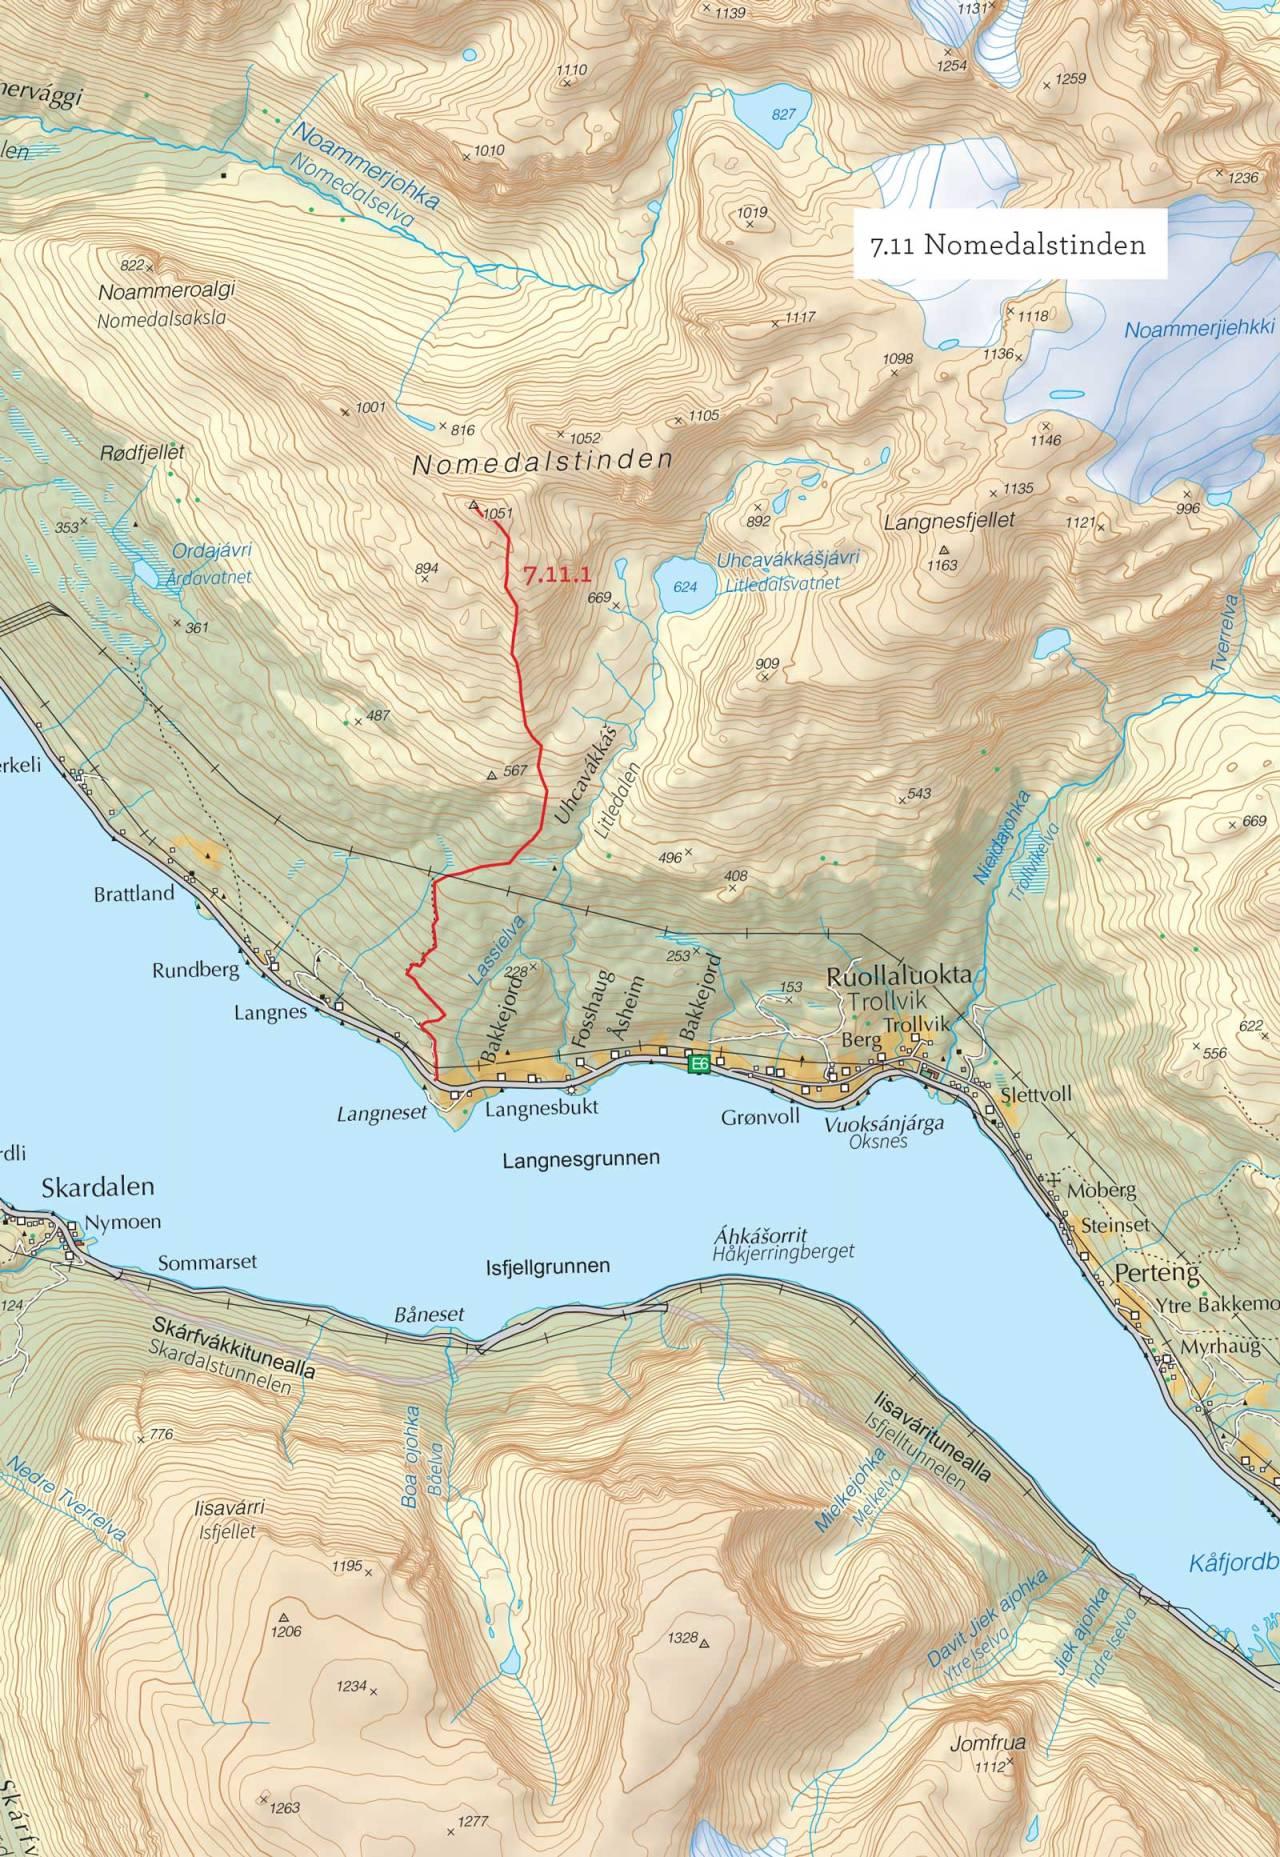 Oversiktskart over Nomedalstinden med inntegnet rute. Fra Toppturer i Troms.